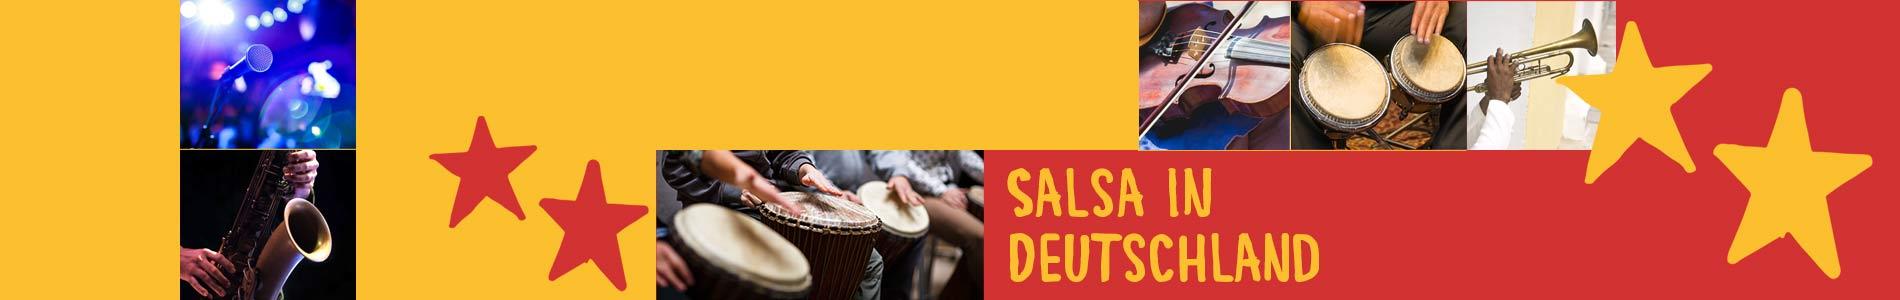 Salsa in Borrentin – Salsa lernen und tanzen, Tanzkurse, Partys, Veranstaltungen